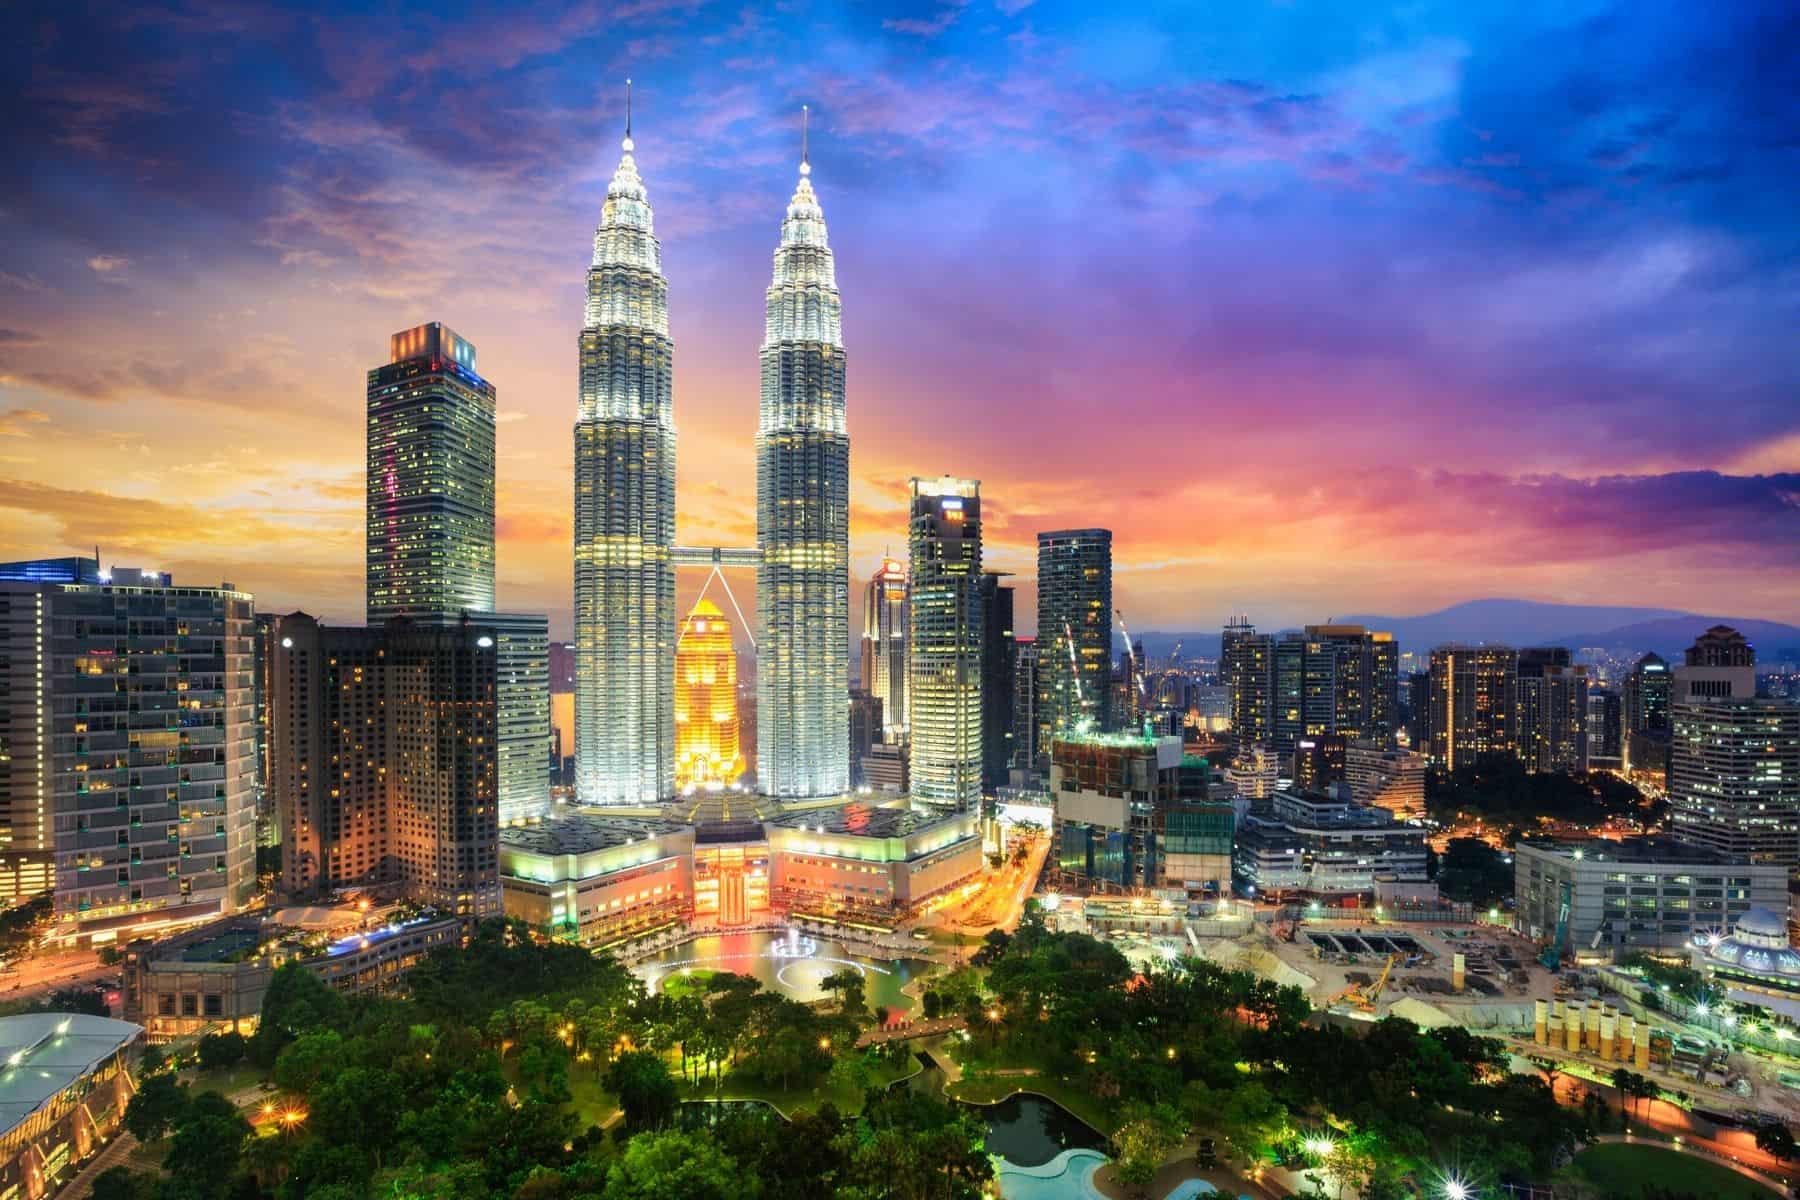 Что посмотреть в Куала-Лумпуре, ТОП 10 — достопримечательностей